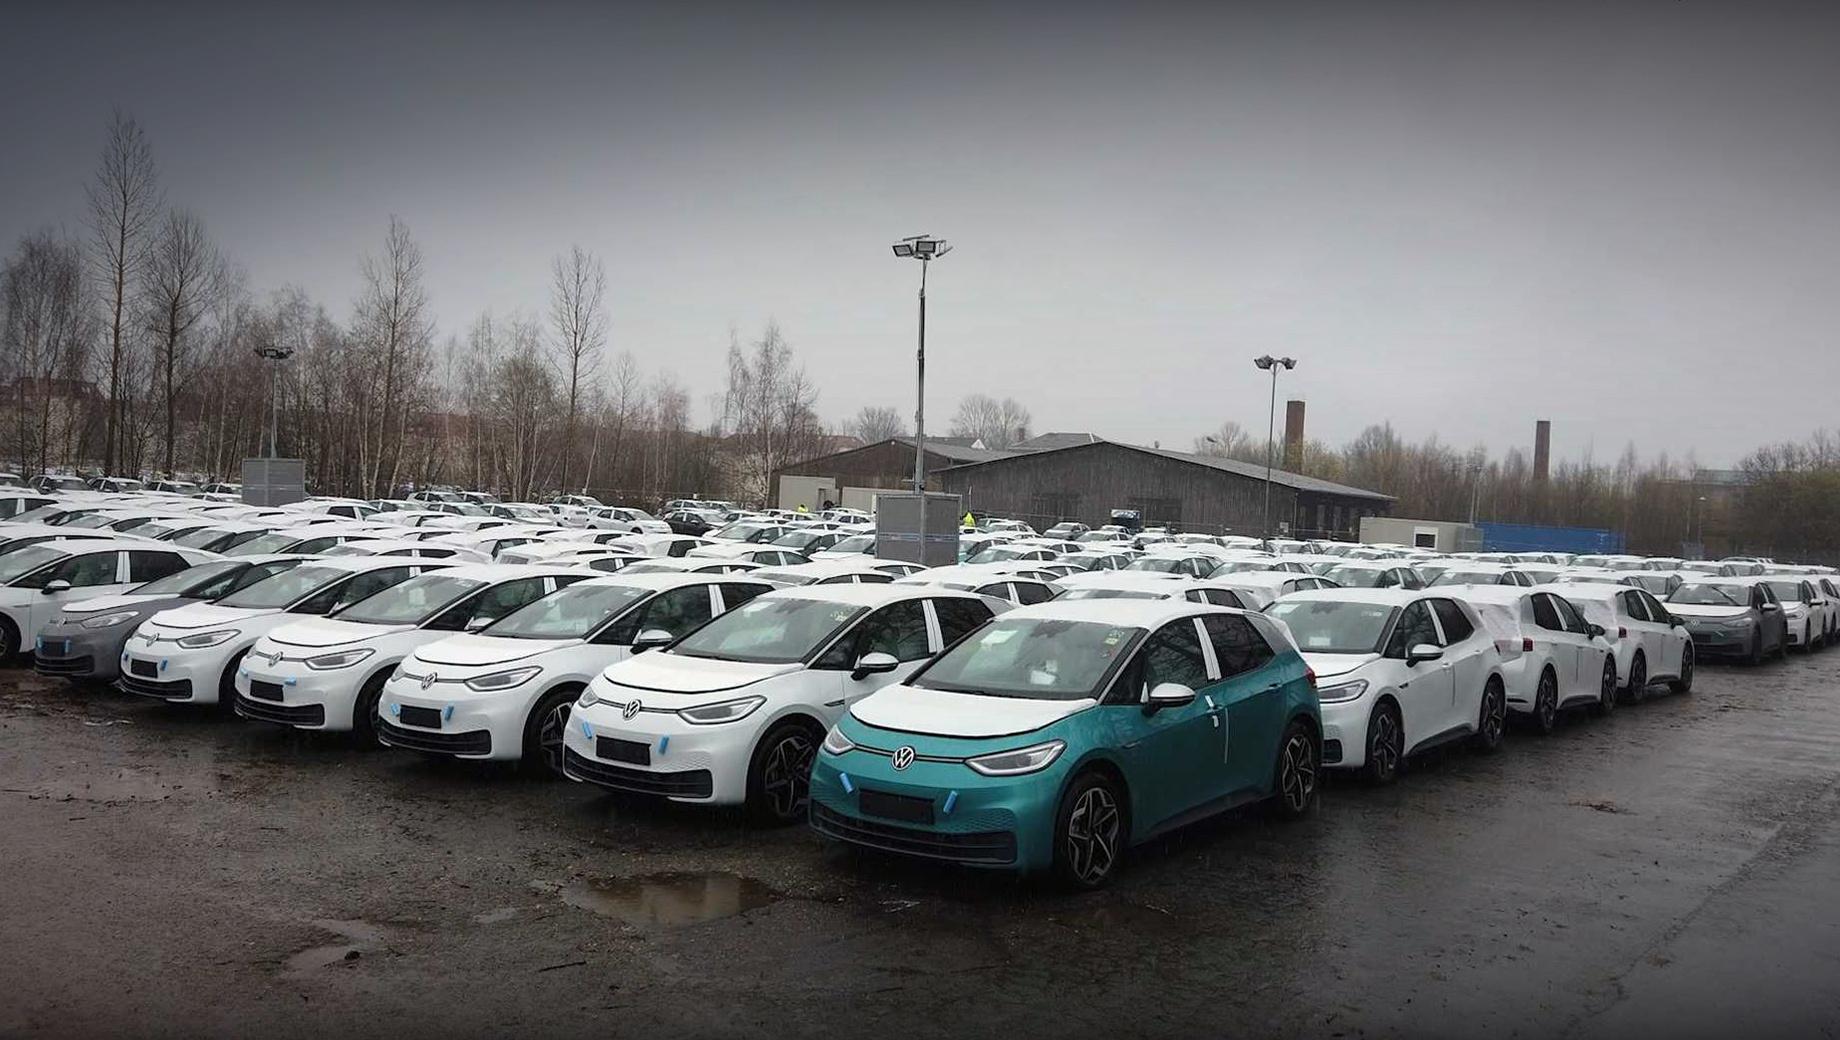 Volkswagen id 3. Сотрудники ресурса nextmove.de смогли без труда проникнуть на один из «секретных складов» Фольксвагена неподалёку от Лейпцига (видео с 13:10). Площадок, где новенькие ID.3 ожидают установку софта, в Германии должно быть много. Стоянка на заводе в Цвиккау не считается.